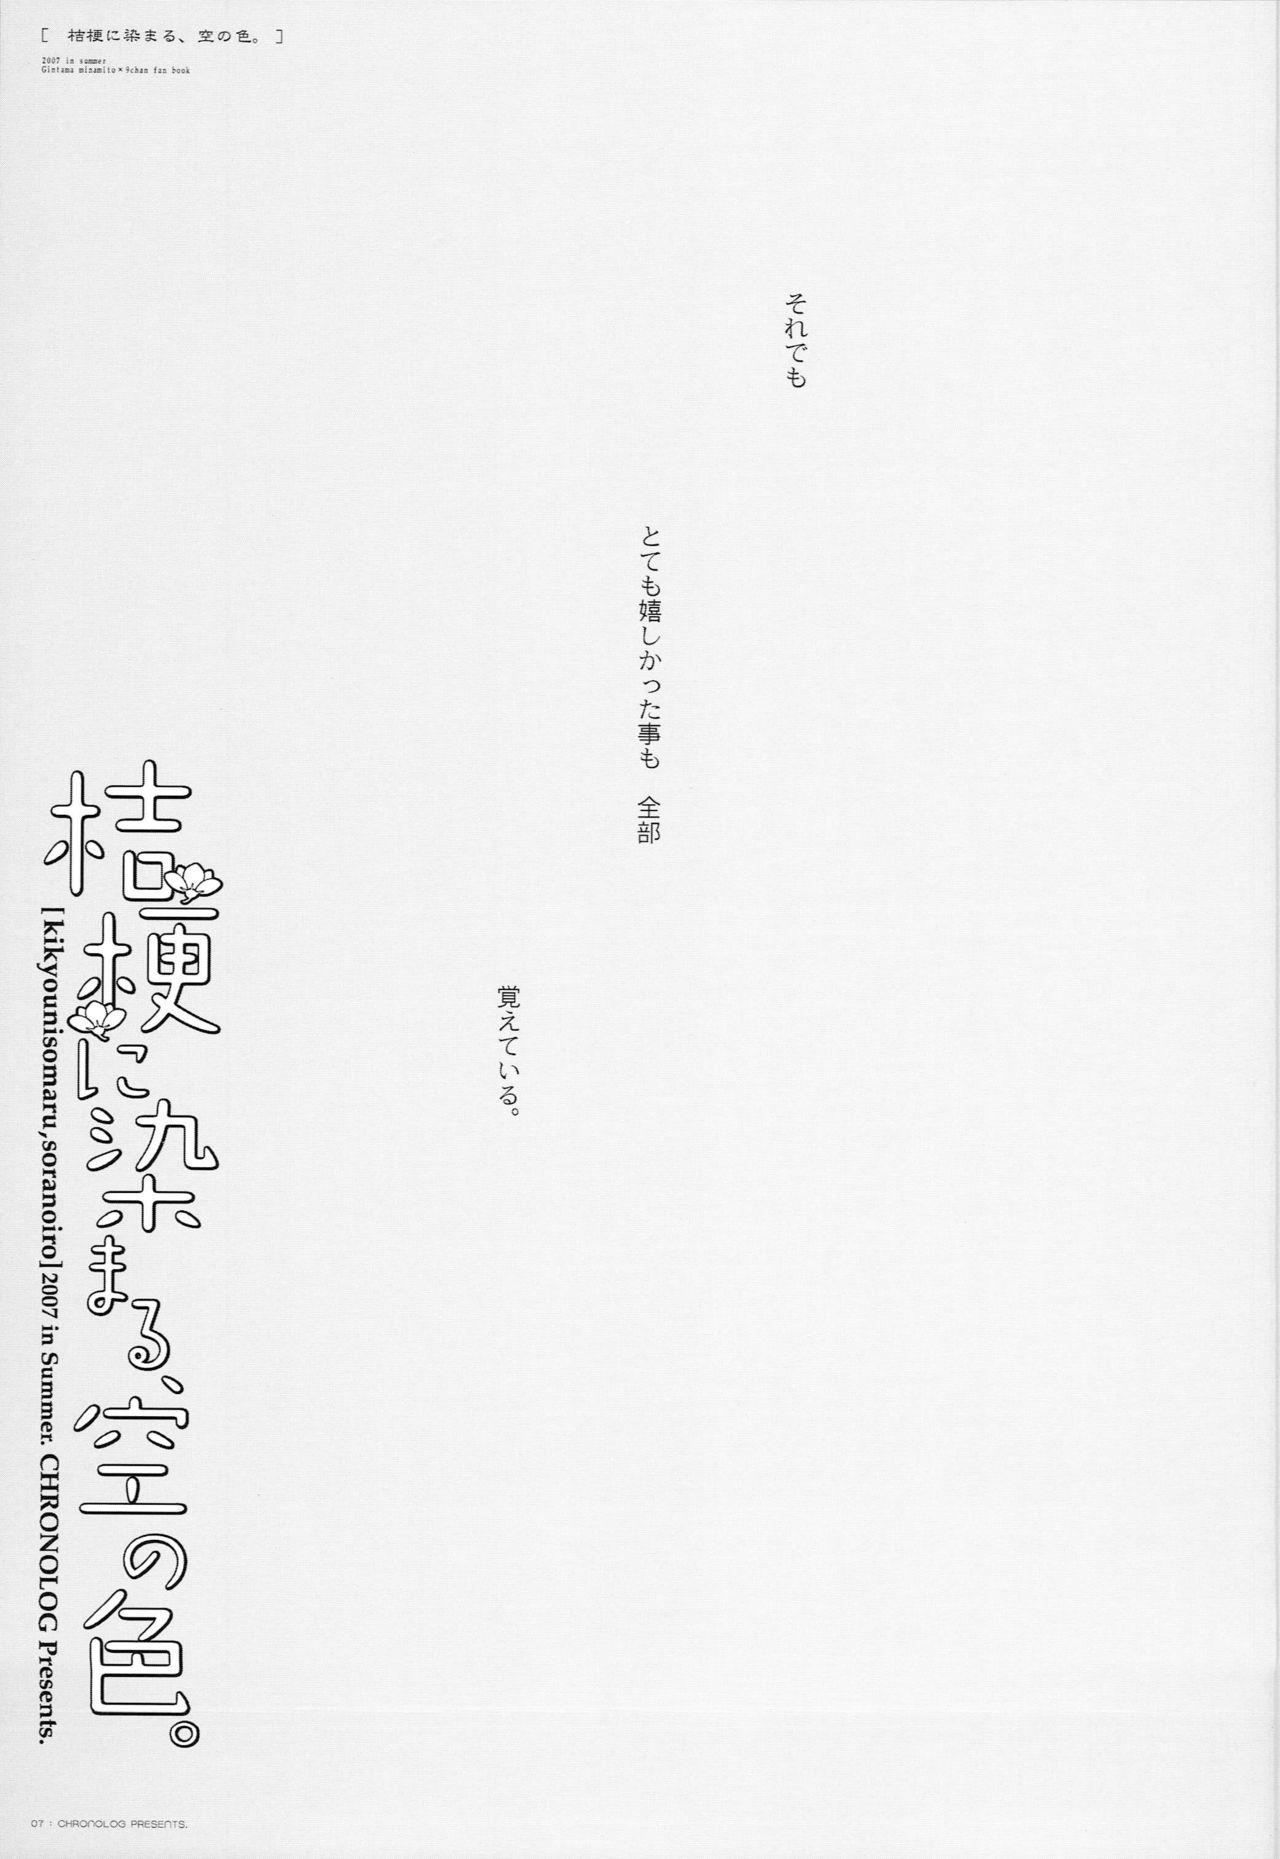 Kikyou ni Somaru Sora no Iro 5